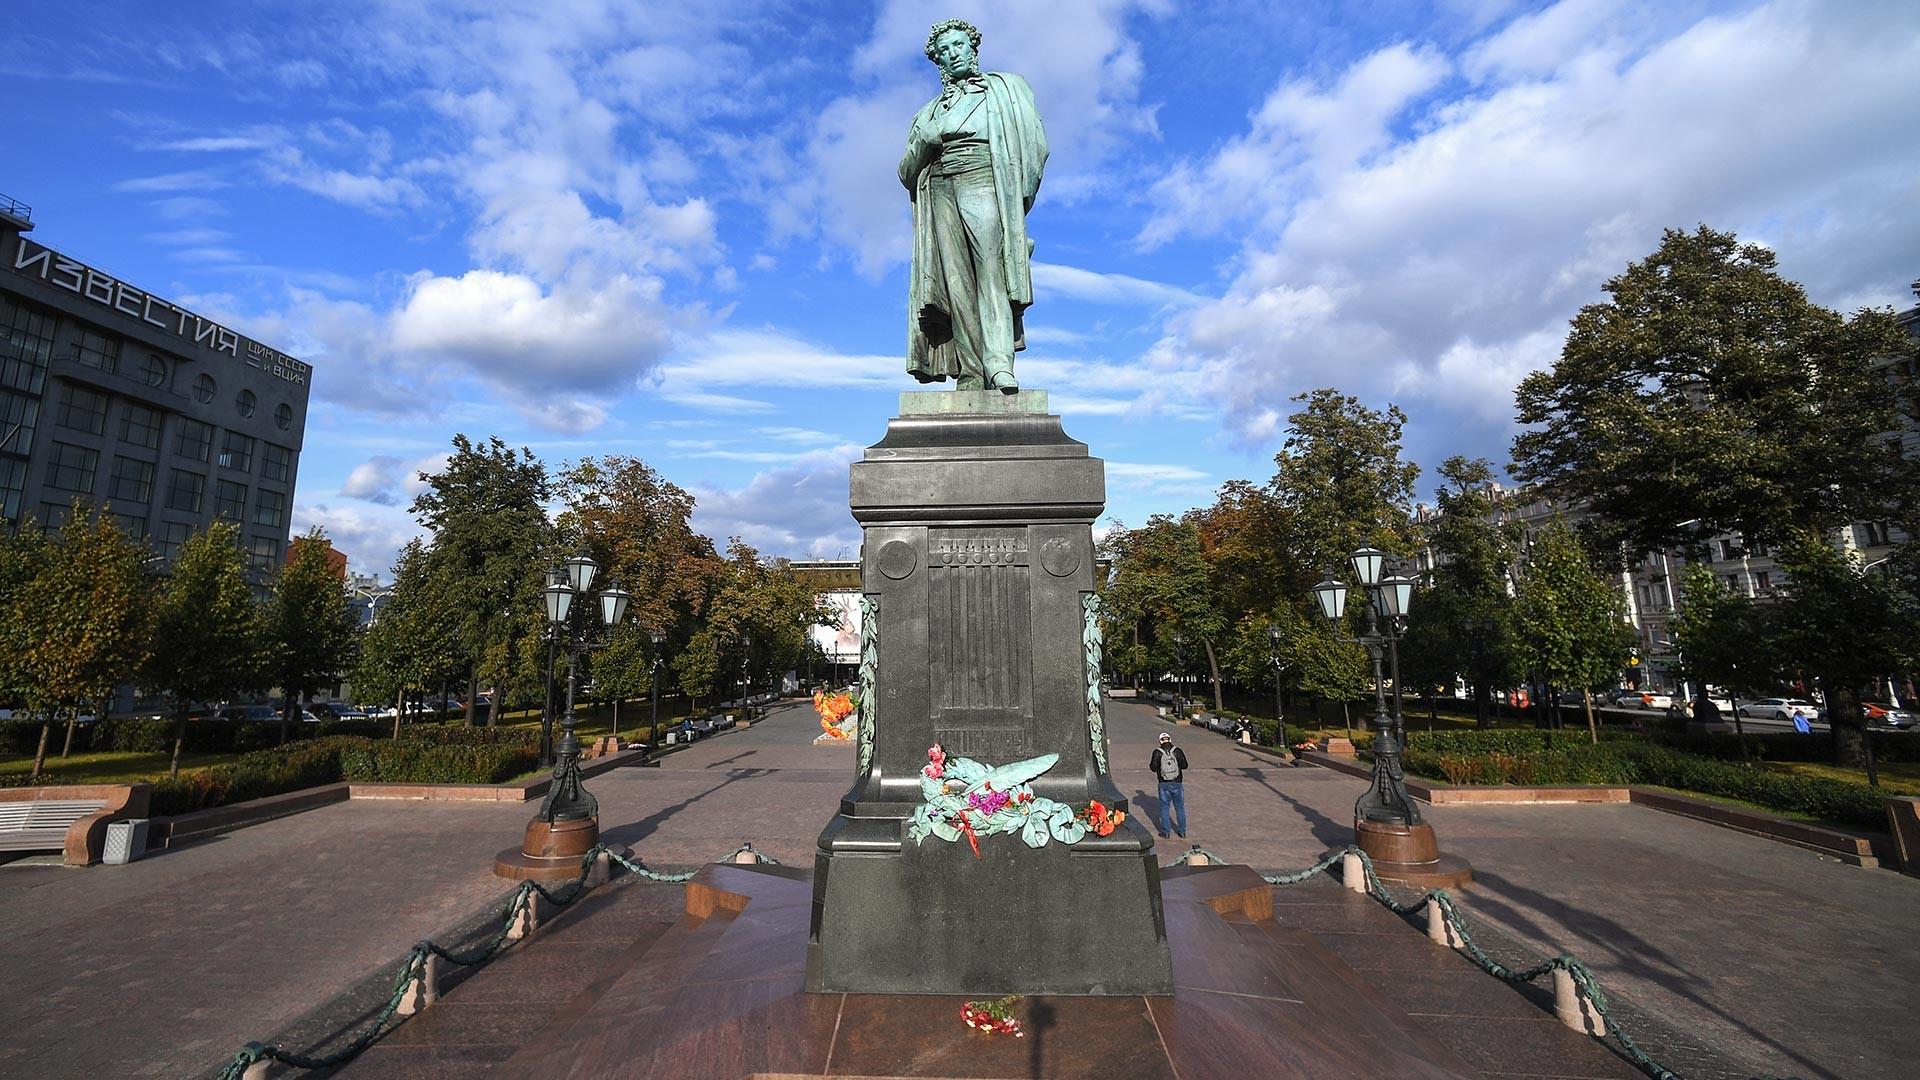 La statua di Pushkin in Piazza Pushkin a Mosca